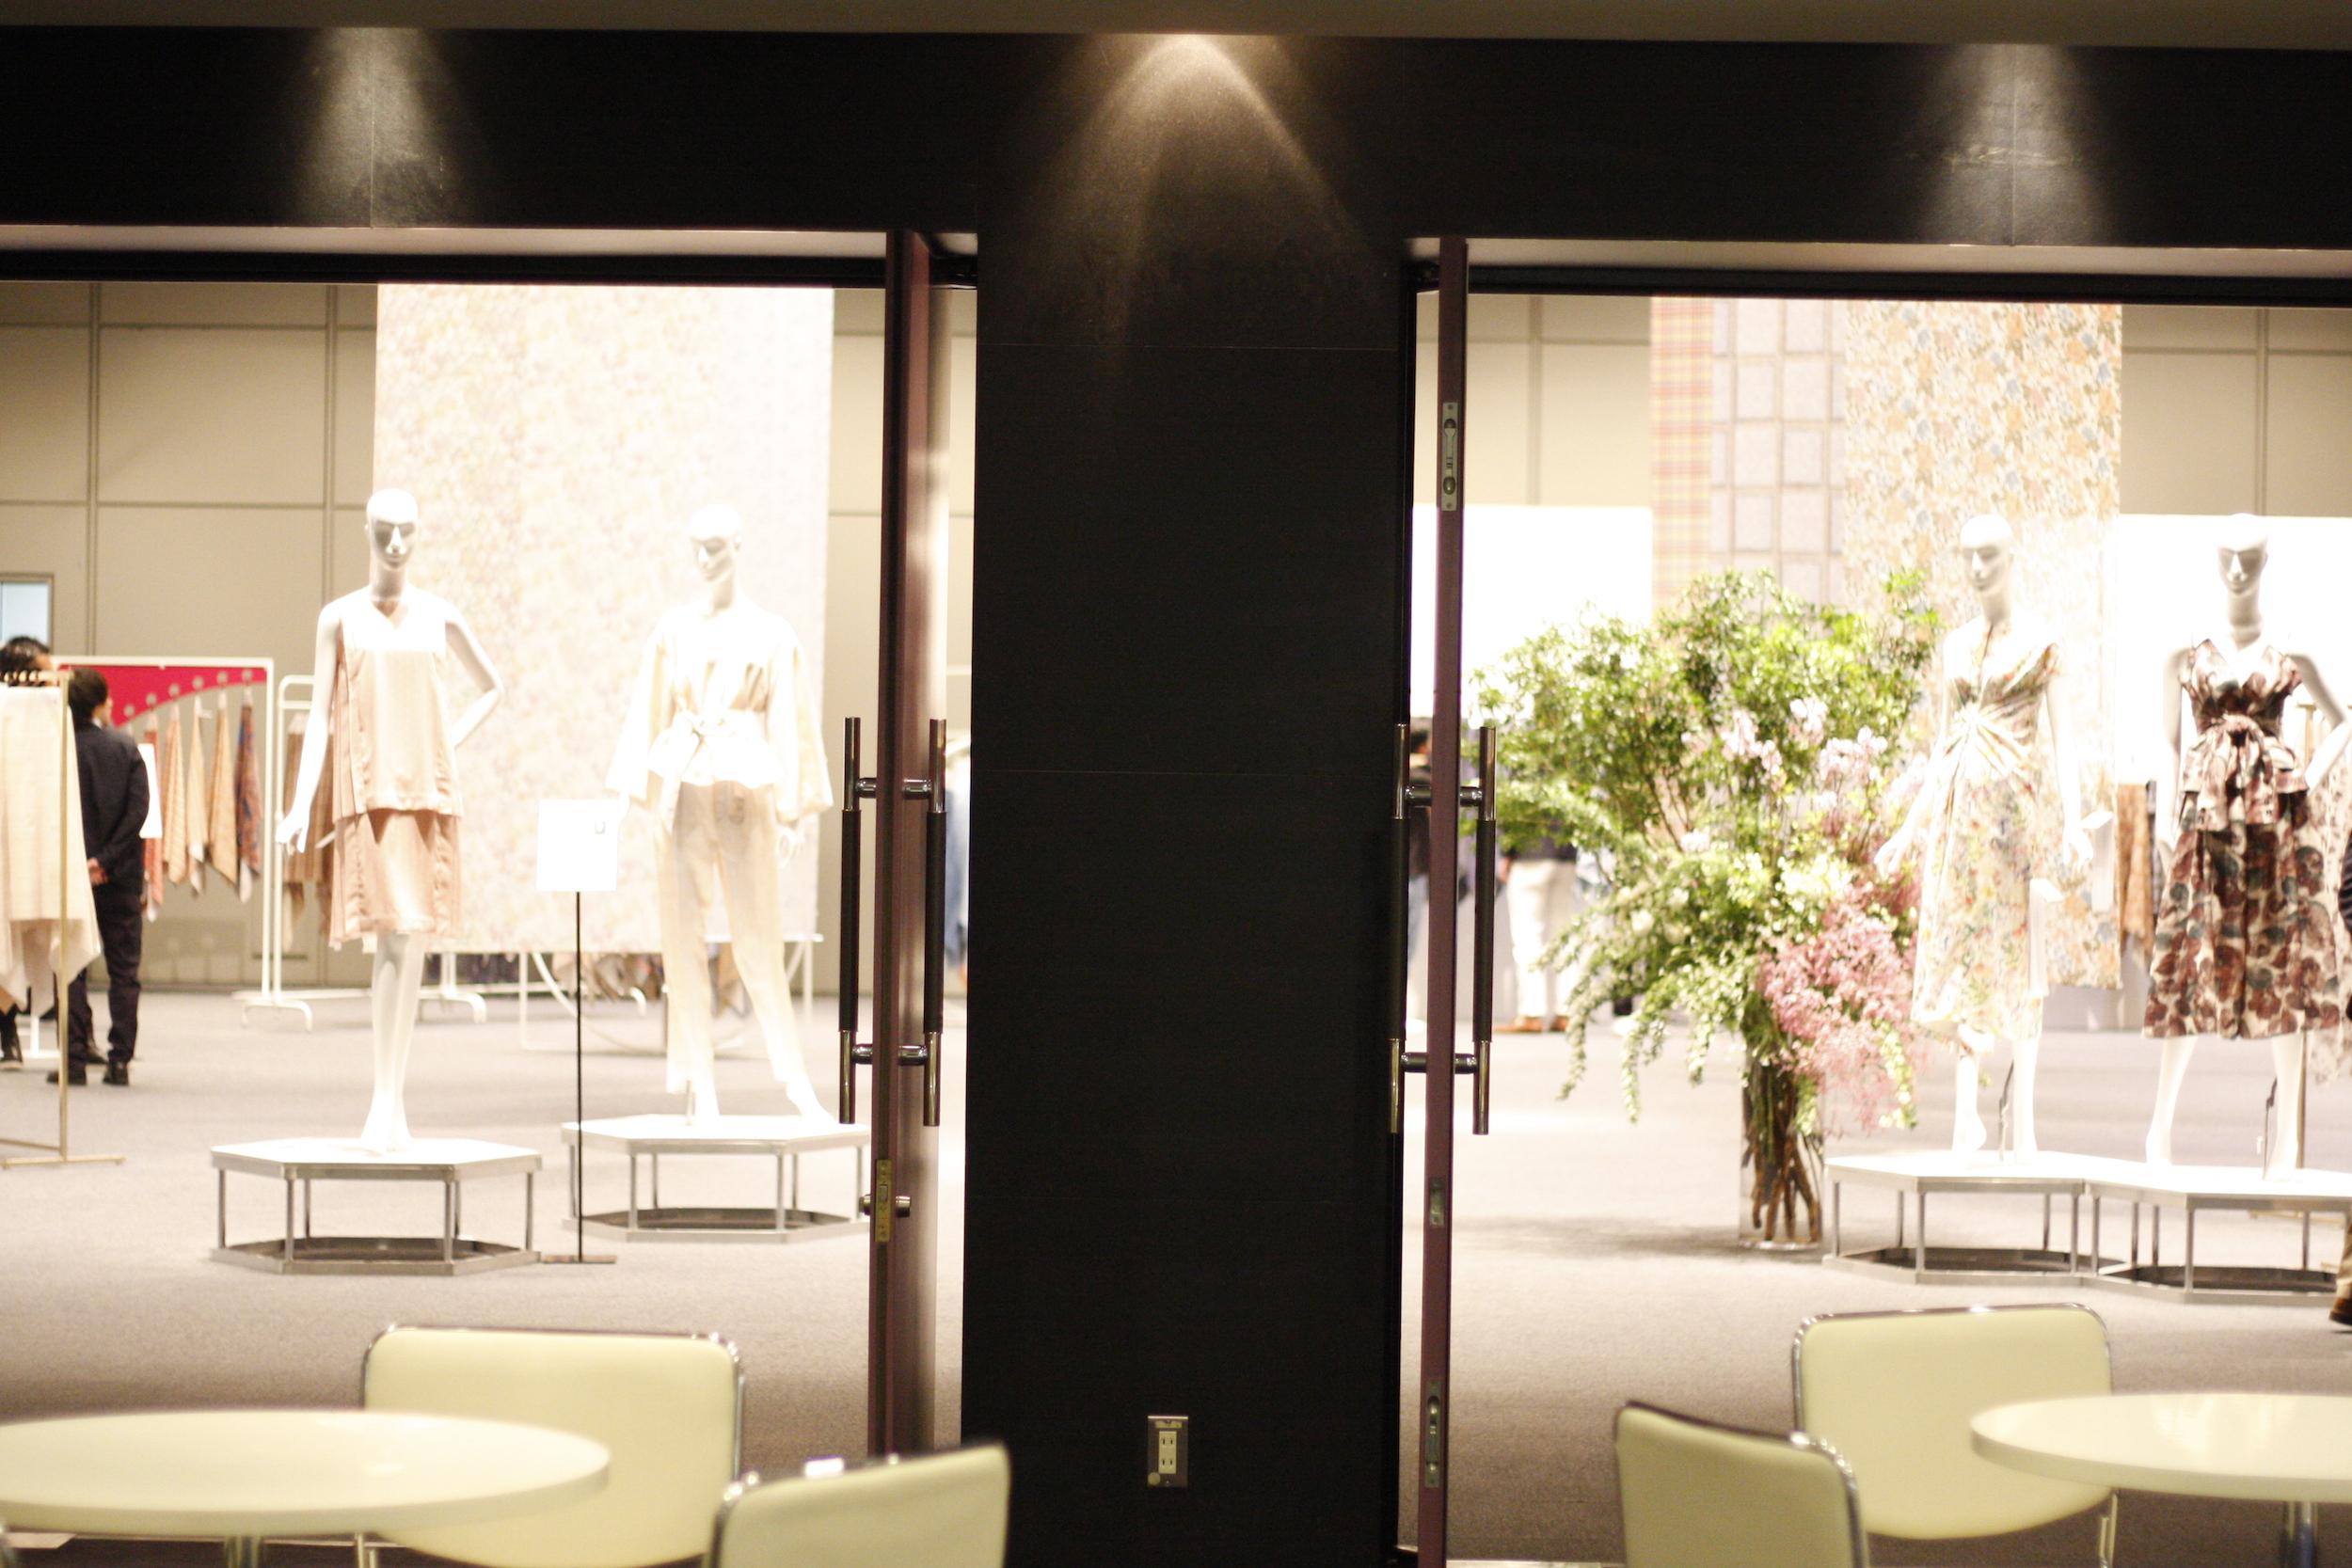 コーヒー ケータリング URBAN LOCAL LIVING 東京 カフェ コーヒースタンド イベント スタイレム 展示会